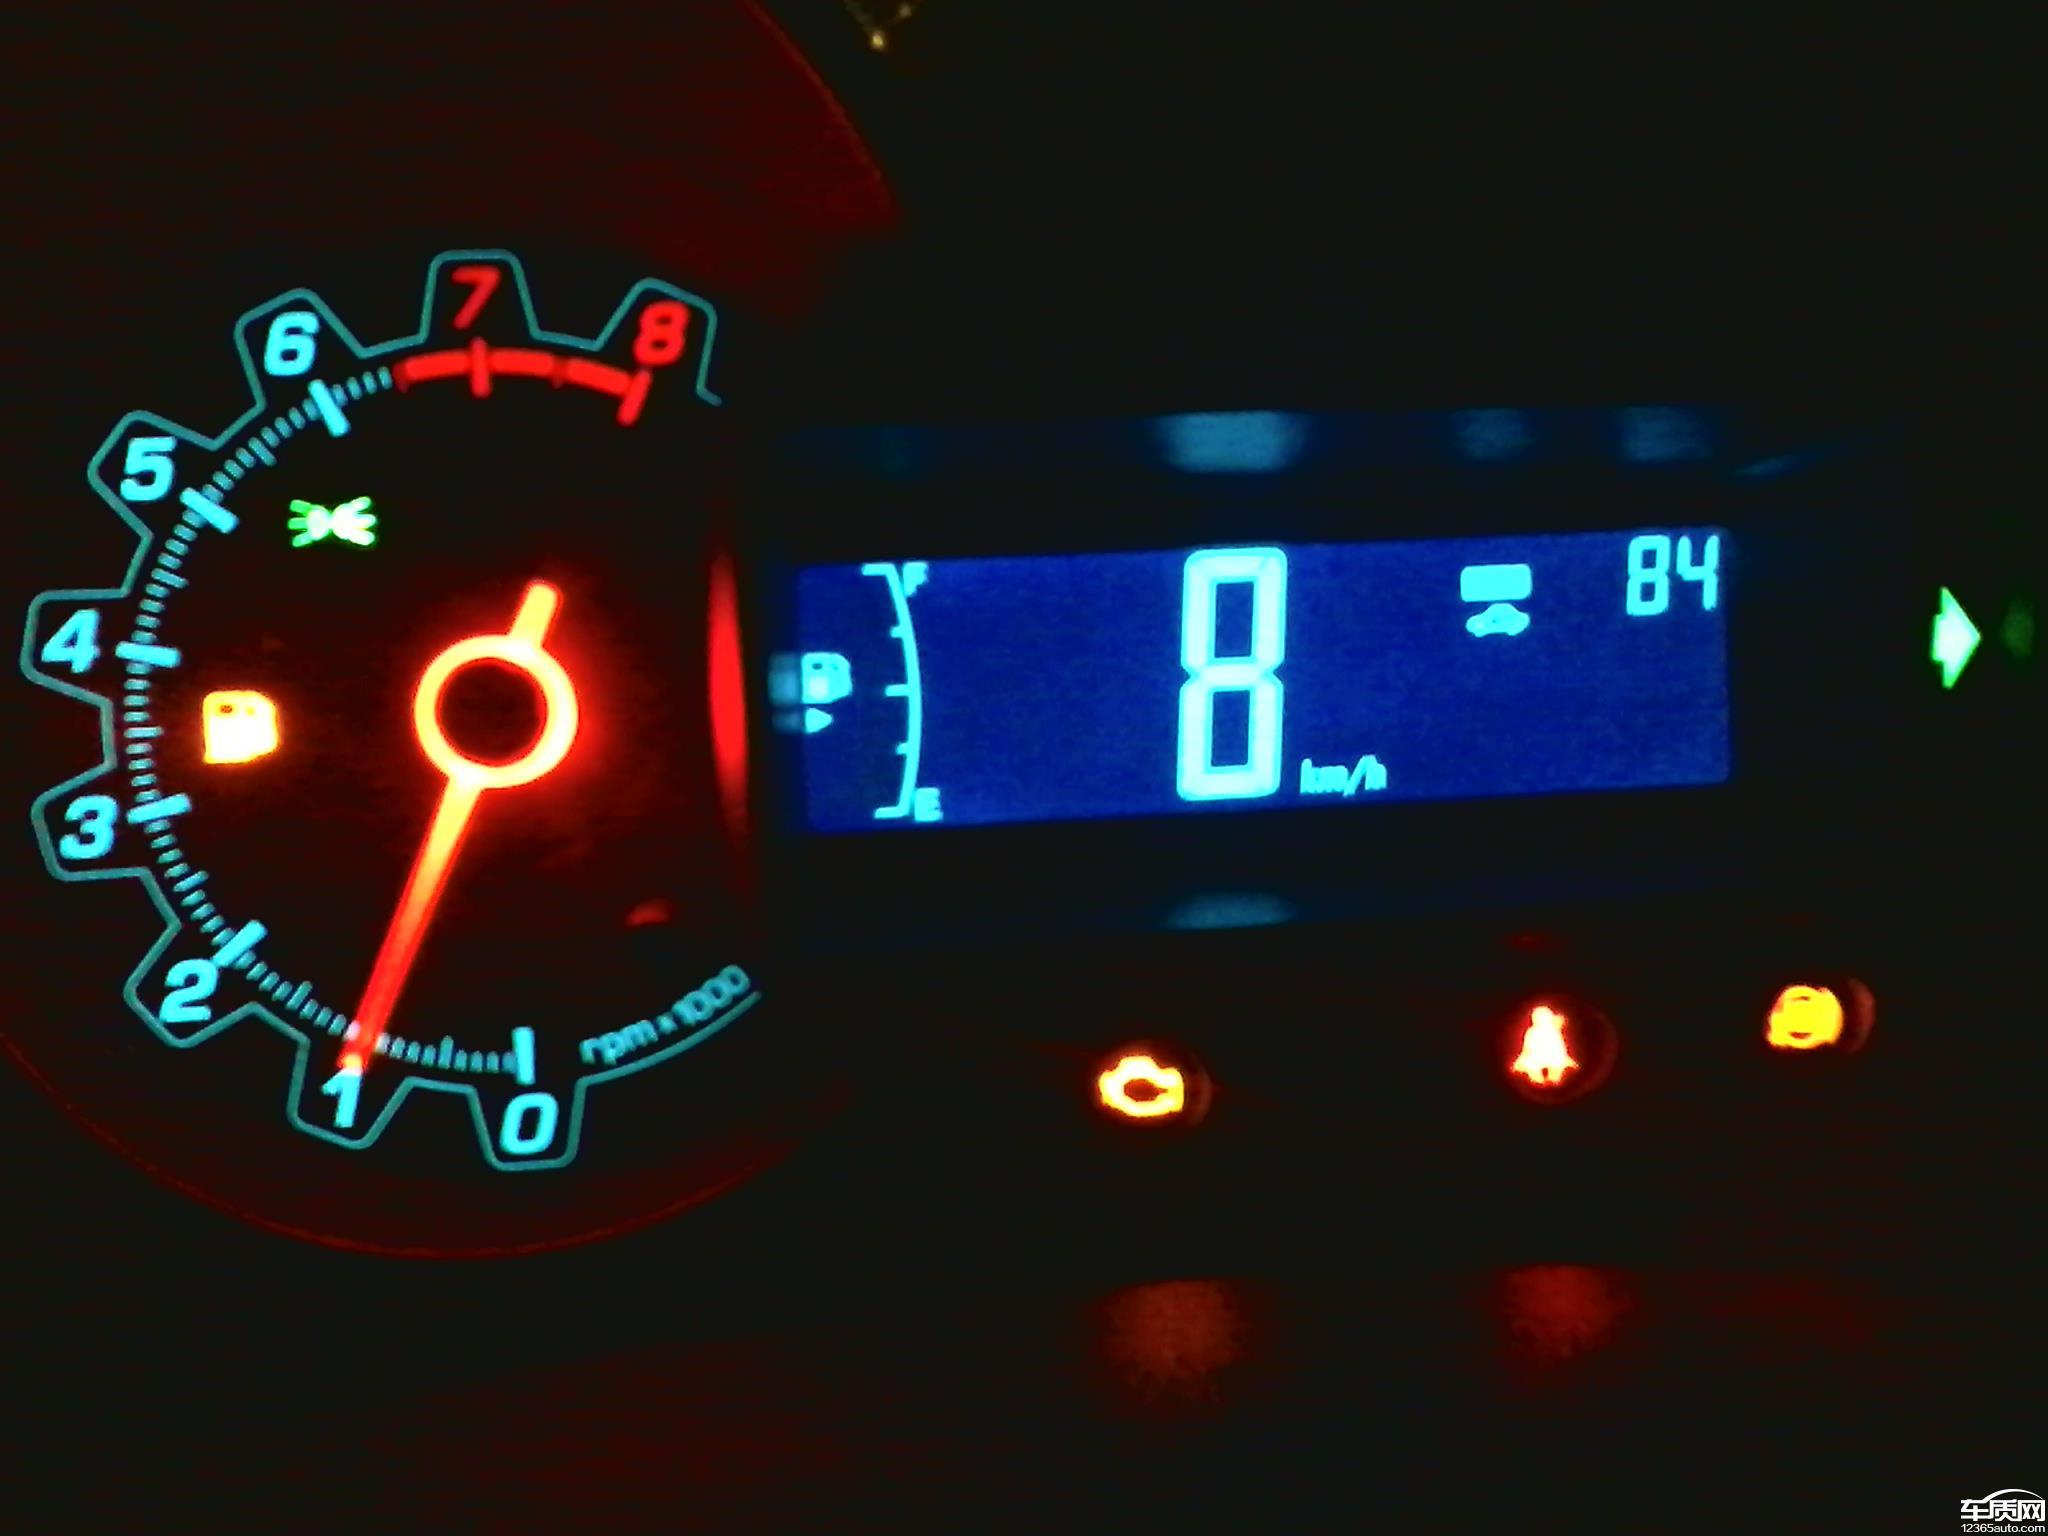 自2012年10月18号提车一直到首保过后大概2013年3,4月份开始出现84故障代码,发动机故障灯常亮,ABS灯亮,一直到2014年1月23号总共出现7次故障代码,每次到4S店都是清洗节气门,刷下程序就能开个1个多月,车辆在正常行驶途中自动减速没有动力有几次差点出现车祸,4S店一直没给解决掉,明天又要去4S店了求助求助,不知道某天会好。